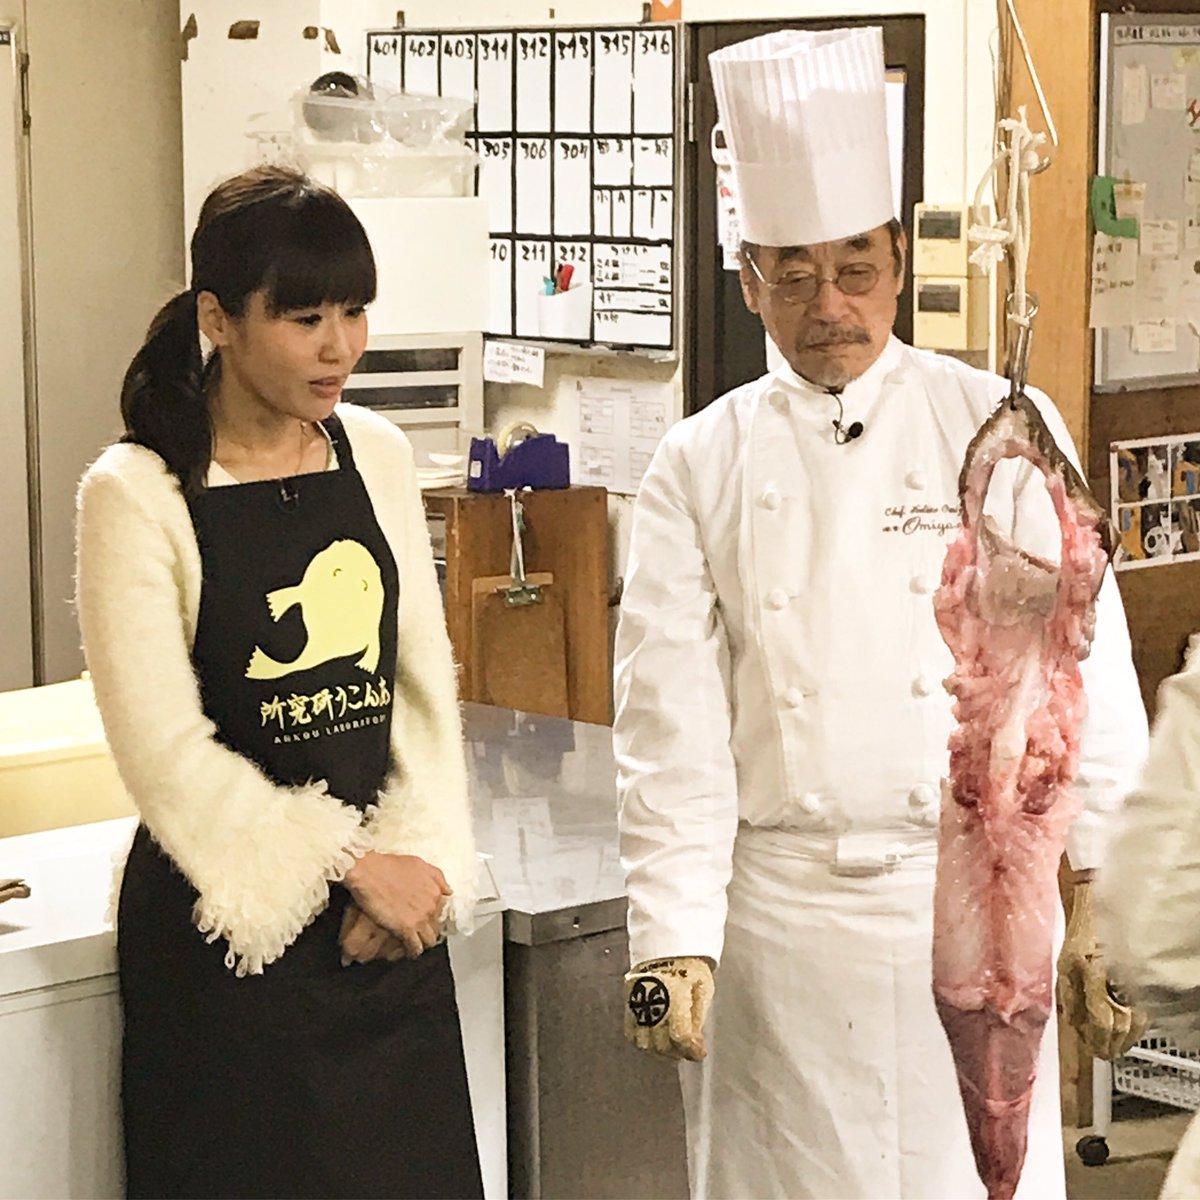 #大宮シェフ と #にしおかすみこ さんがご来館されて撮影がありました!放送日が決まりましたらお知らせいたしますので、ぜひご覧になってみて下さい😆😆😆